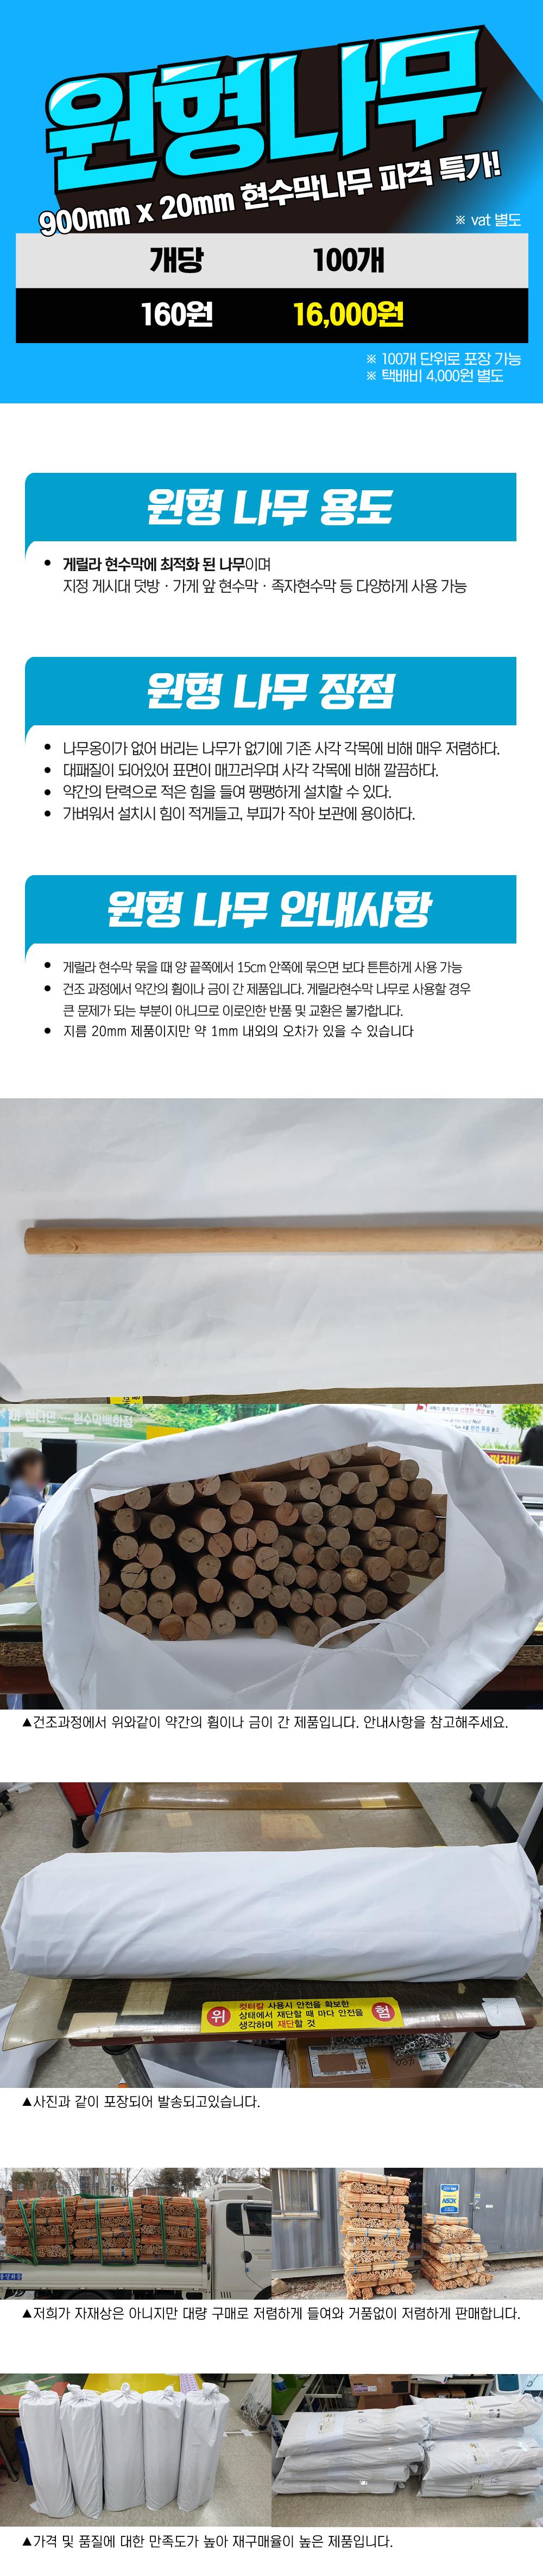 ★홈페이지용 상세페이지.png